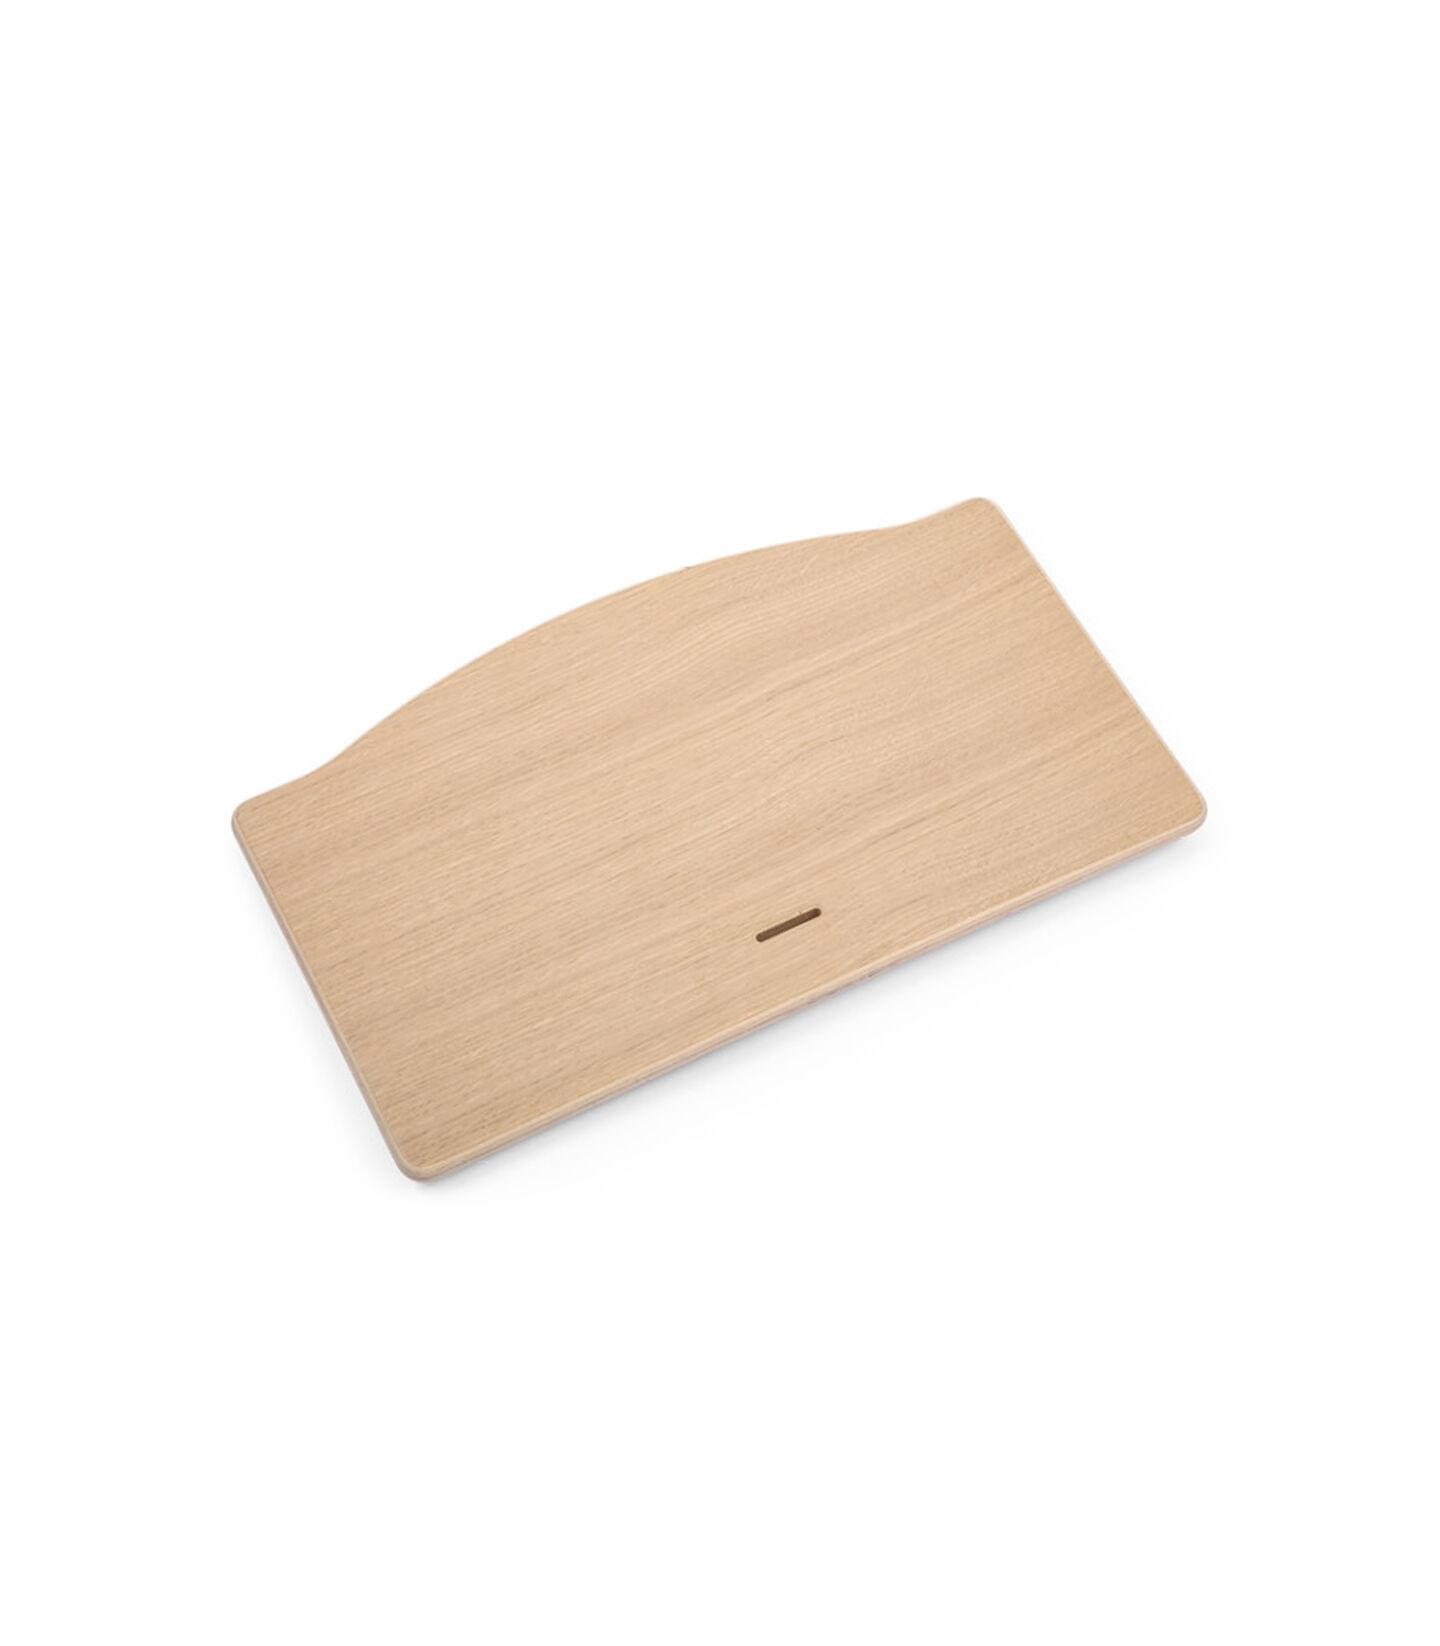 Tripp Trapp® Seatplate Oak White, Rovere Naturale, mainview view 2